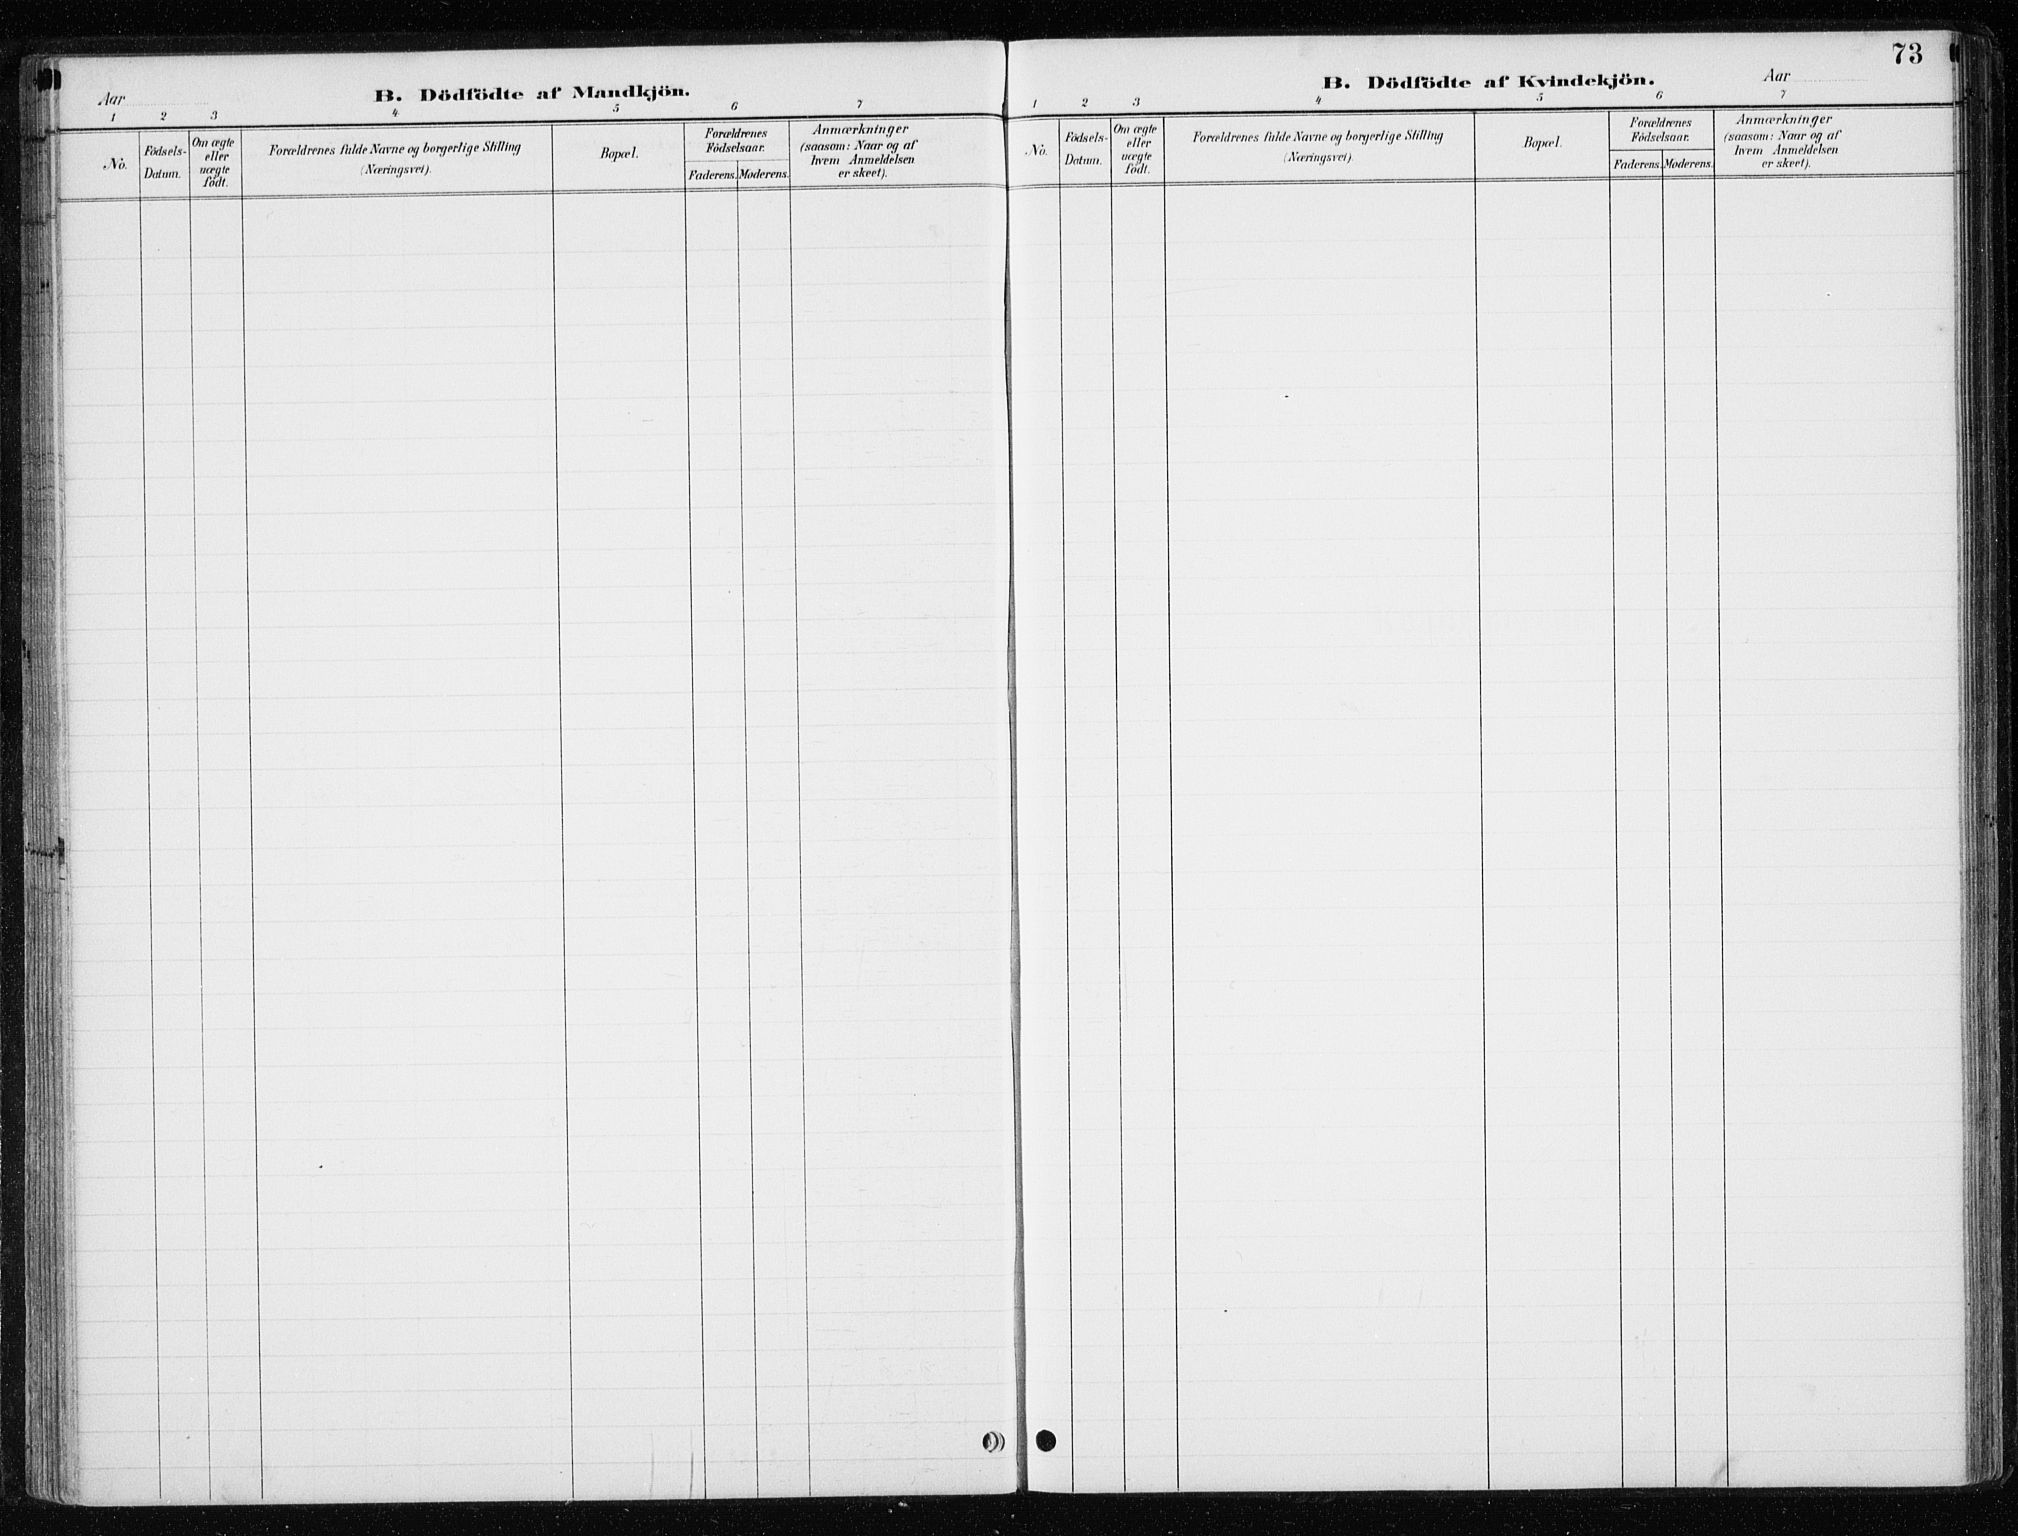 SAT, Ministerialprotokoller, klokkerbøker og fødselsregistre - Nord-Trøndelag, 710/L0096: Klokkerbok nr. 710C01, 1892-1925, s. 73